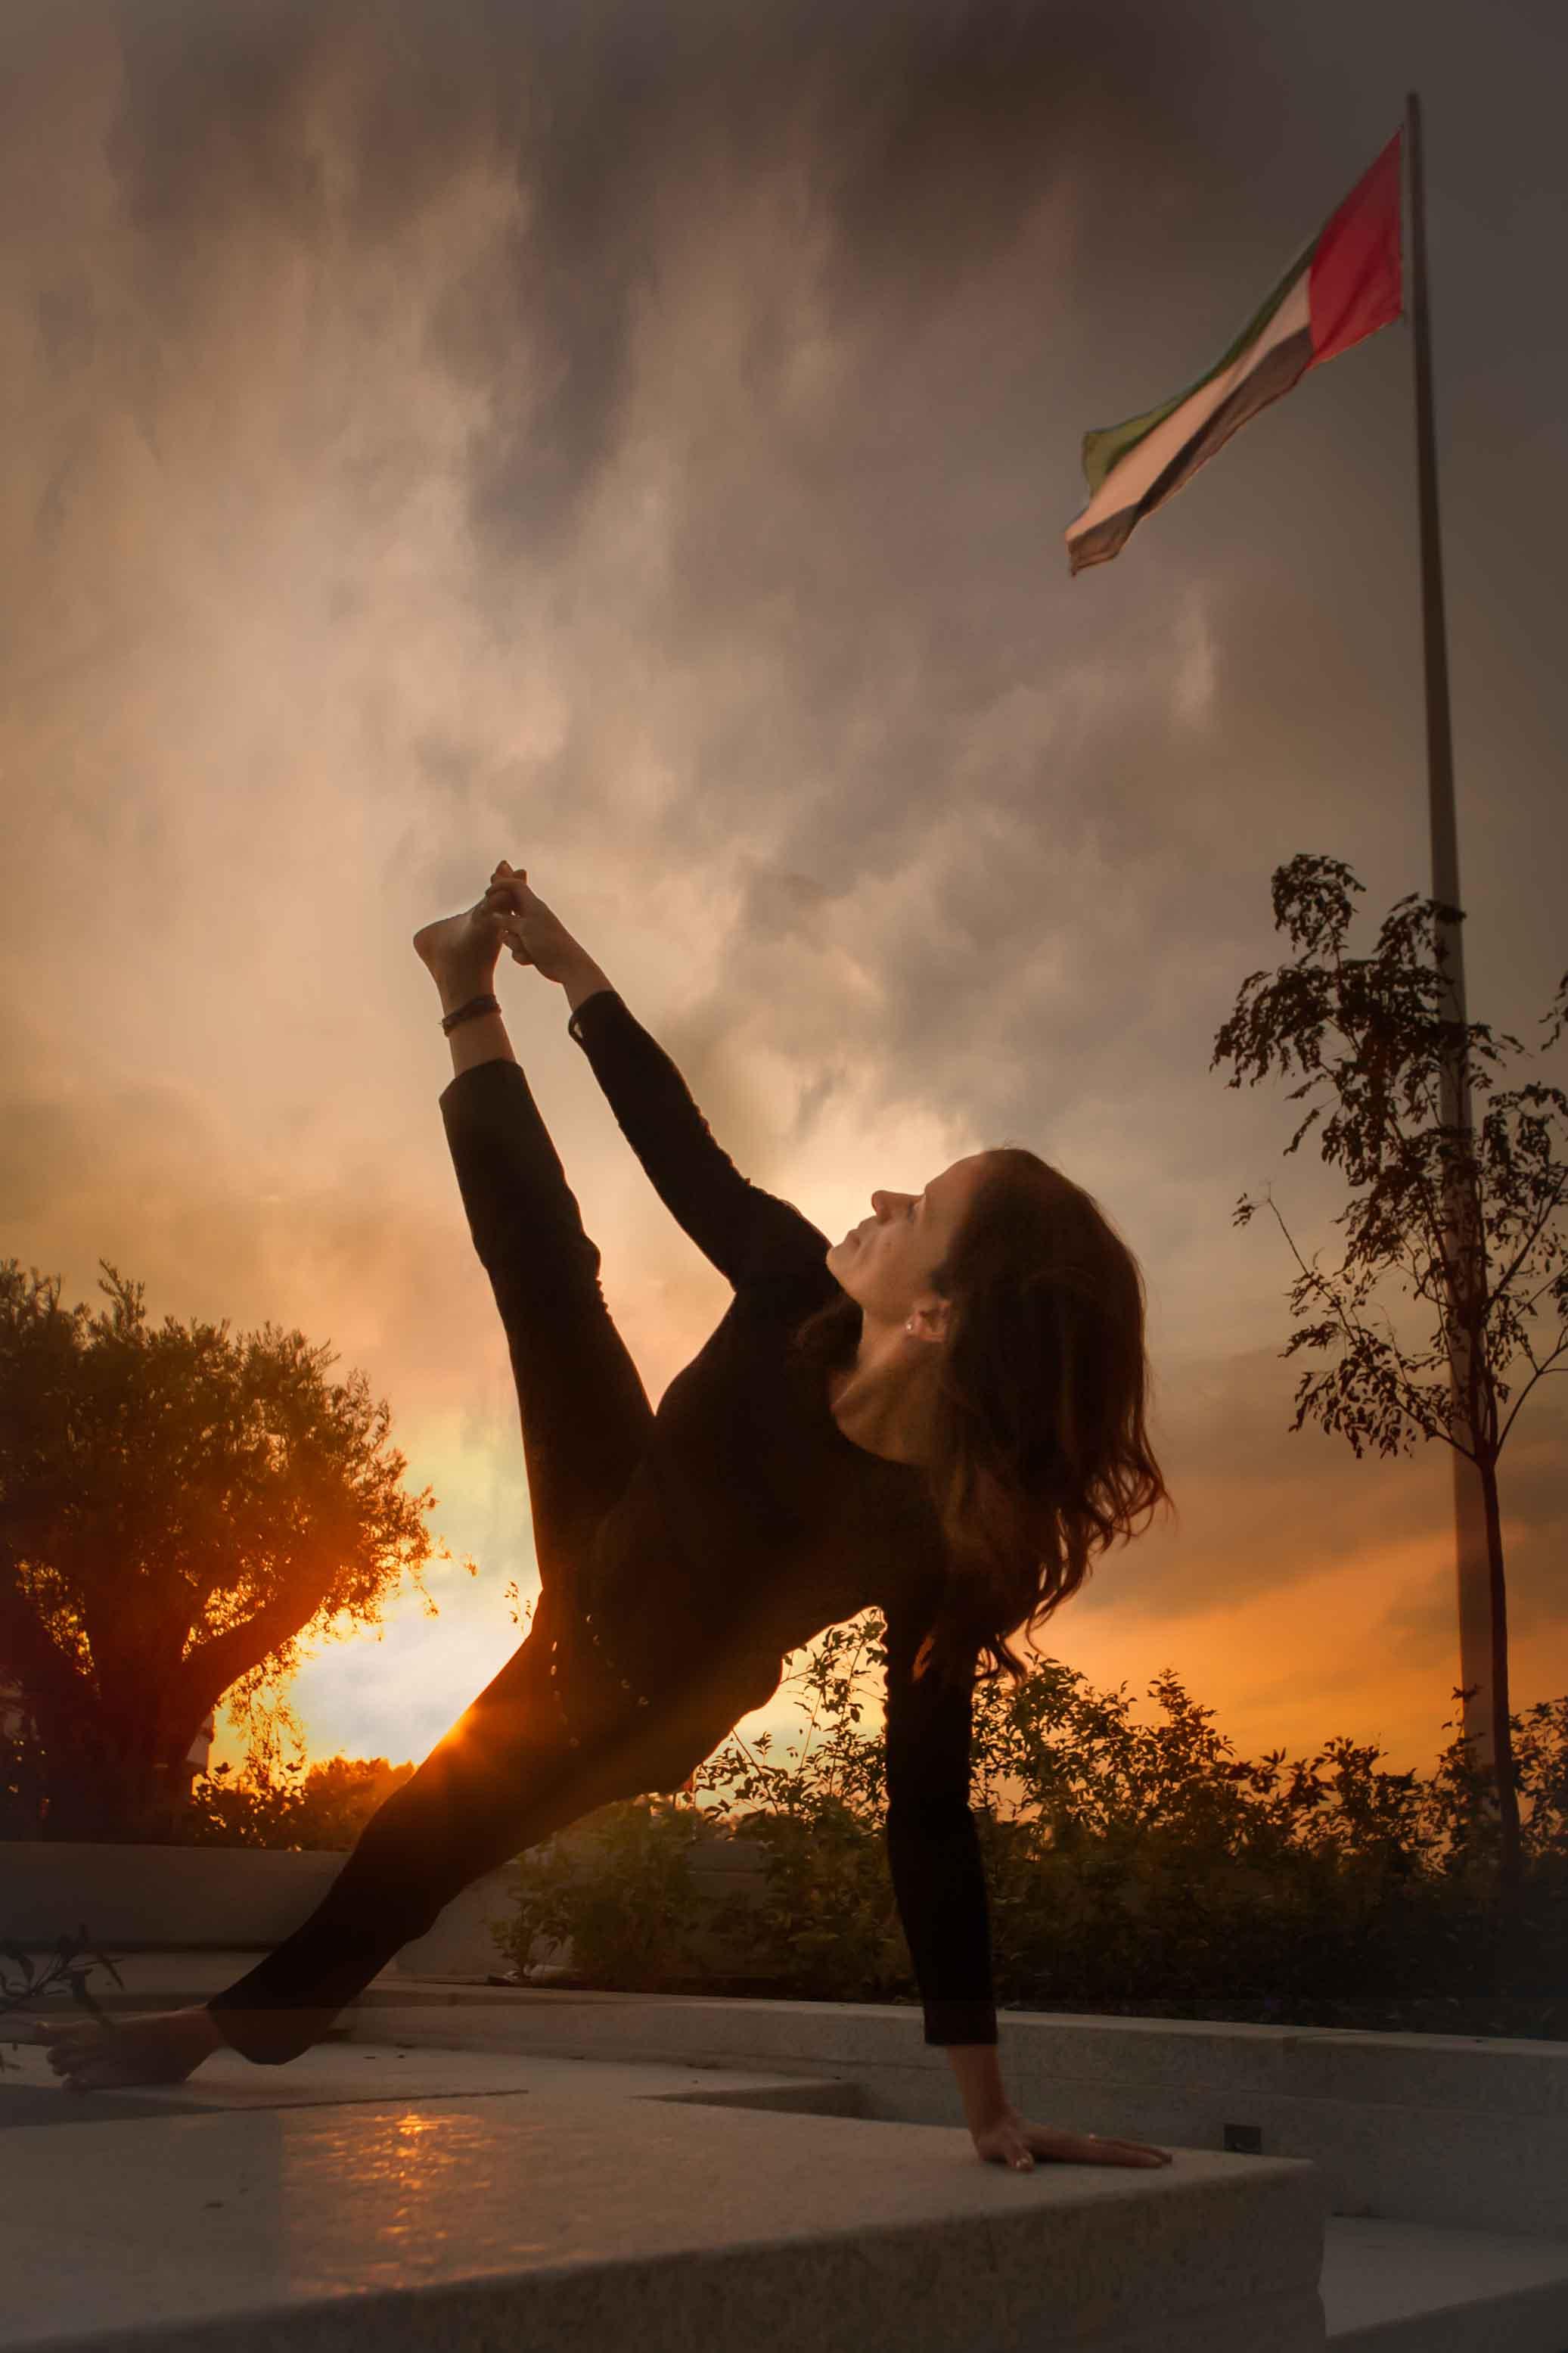 mylene yoga etihad-8618-Edit-Edit.jpg